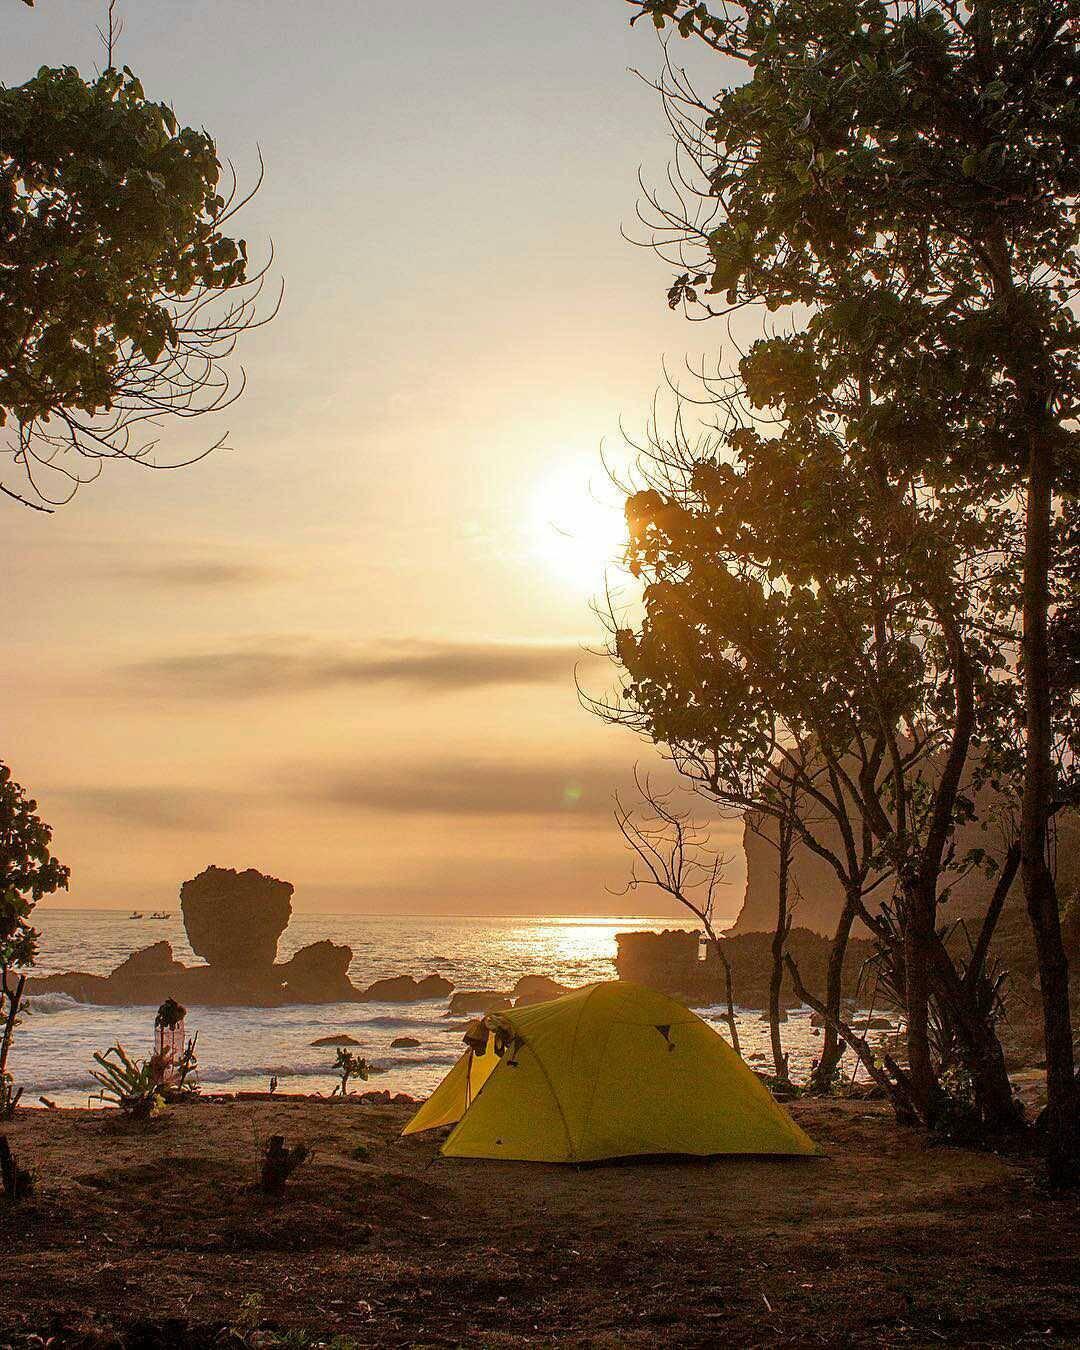 Pantai Watu Lepek, Pantai Watu Lepek Malang, Kabupaten Malang, Dolan Dolen, Dolaners Pantai Watu Lepek by bilangagus - Dolan Dolen